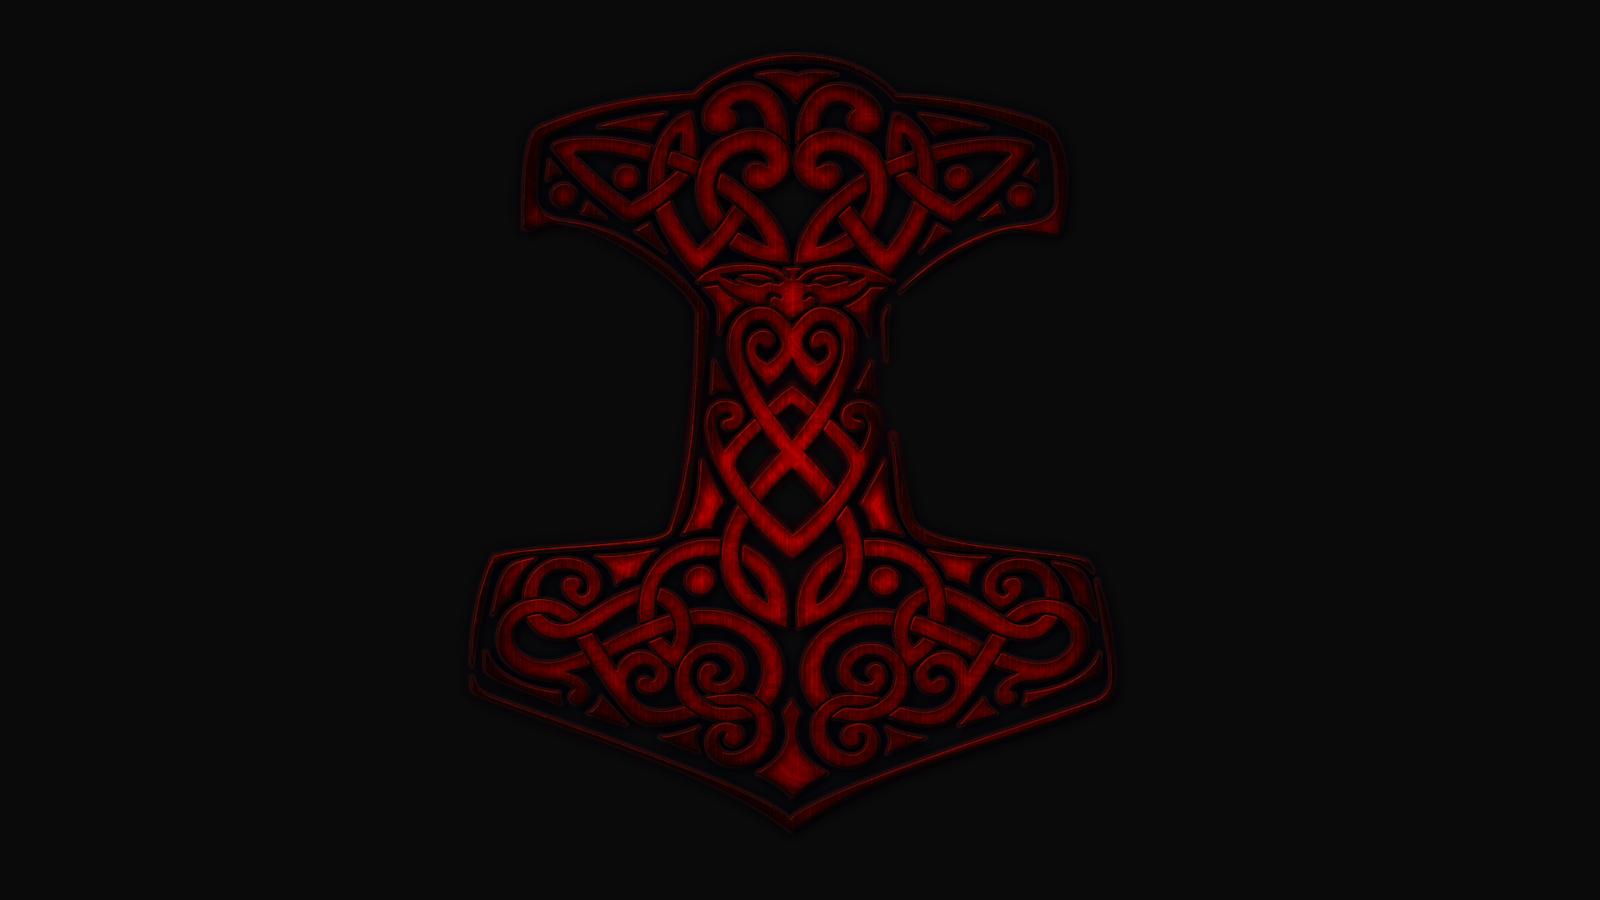 Thor's Hammer Wallpaper - WallpaperSafari